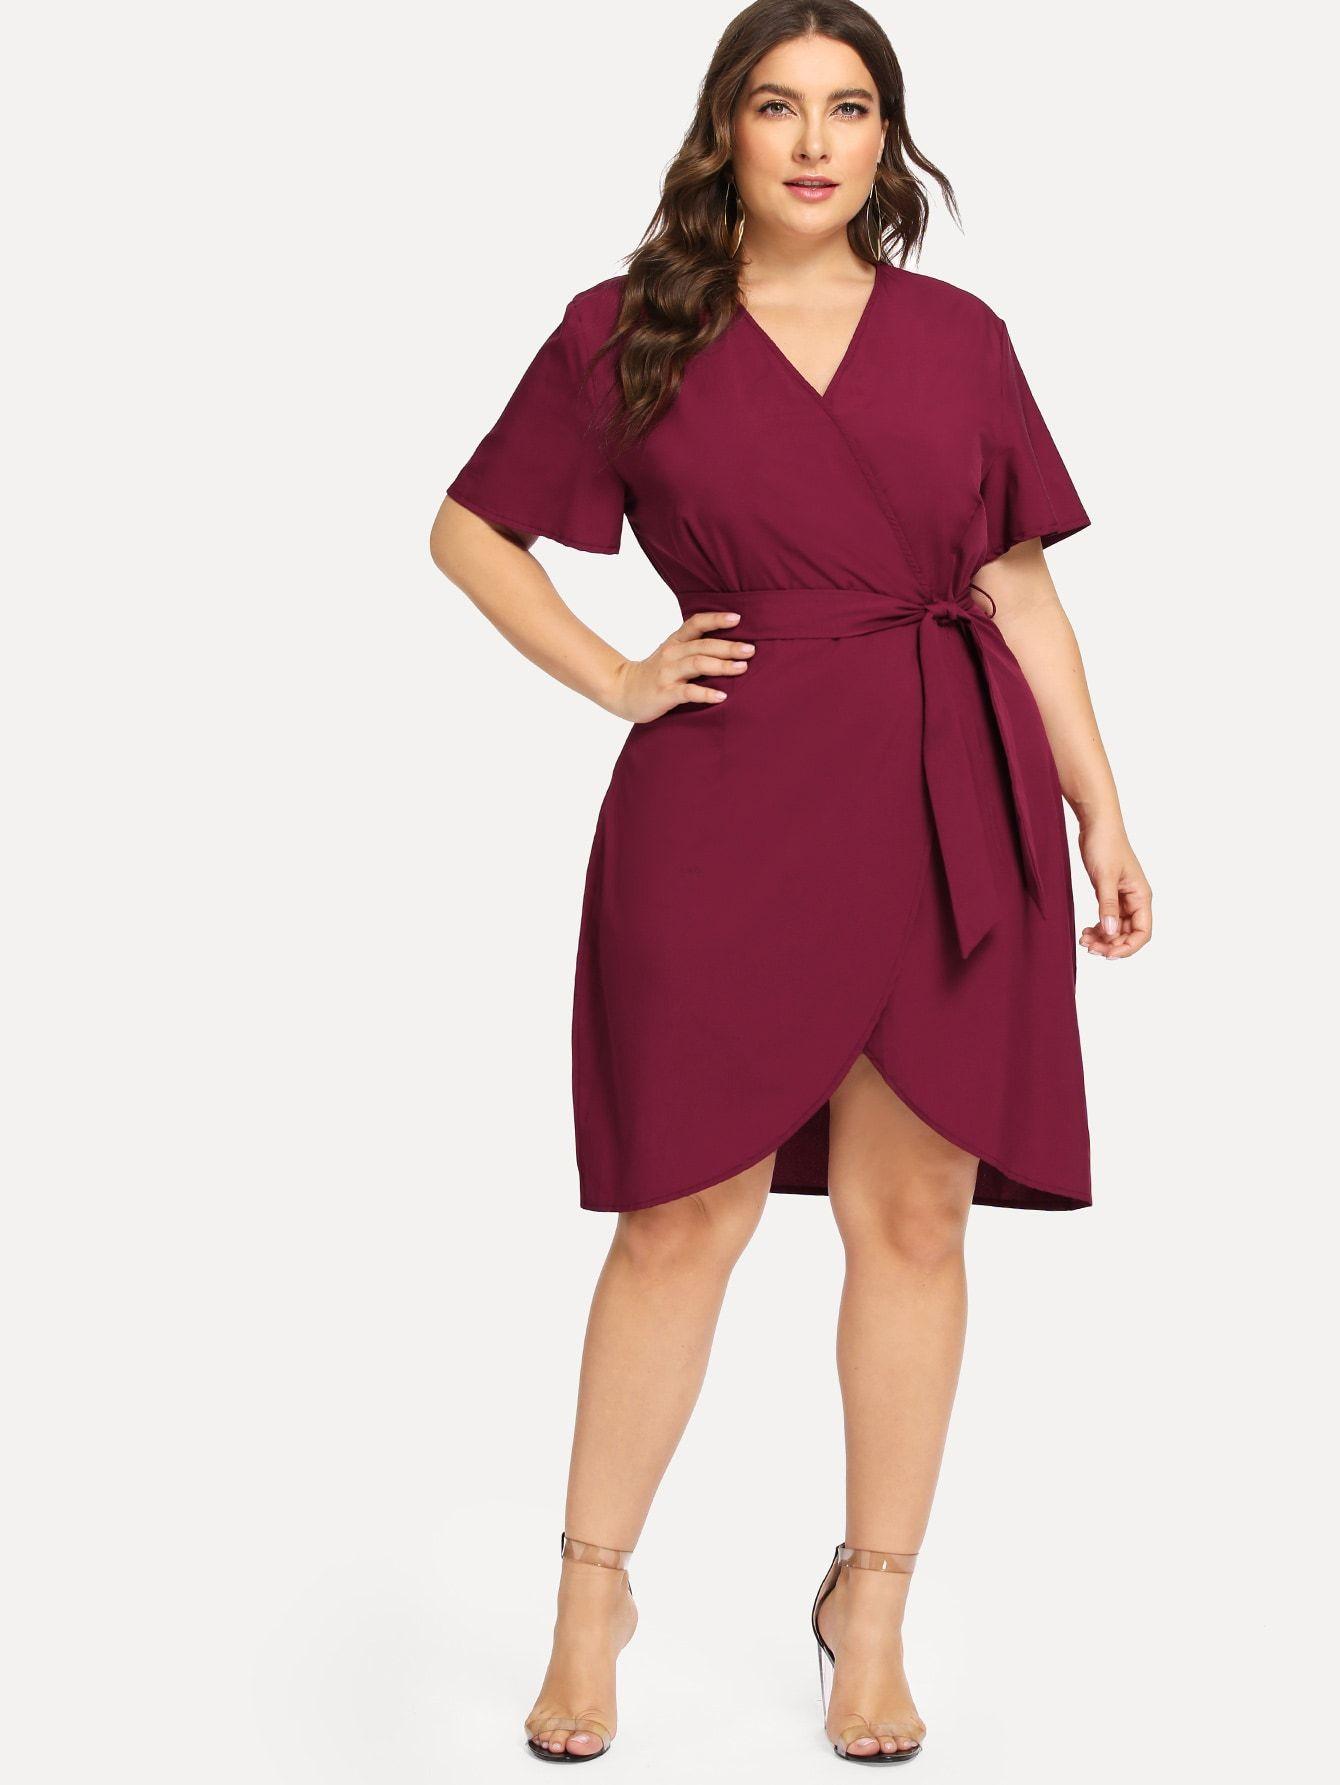 Women Asymmetrical V-Neck Casual Wrap Plain Long Midi Dress Plus Size